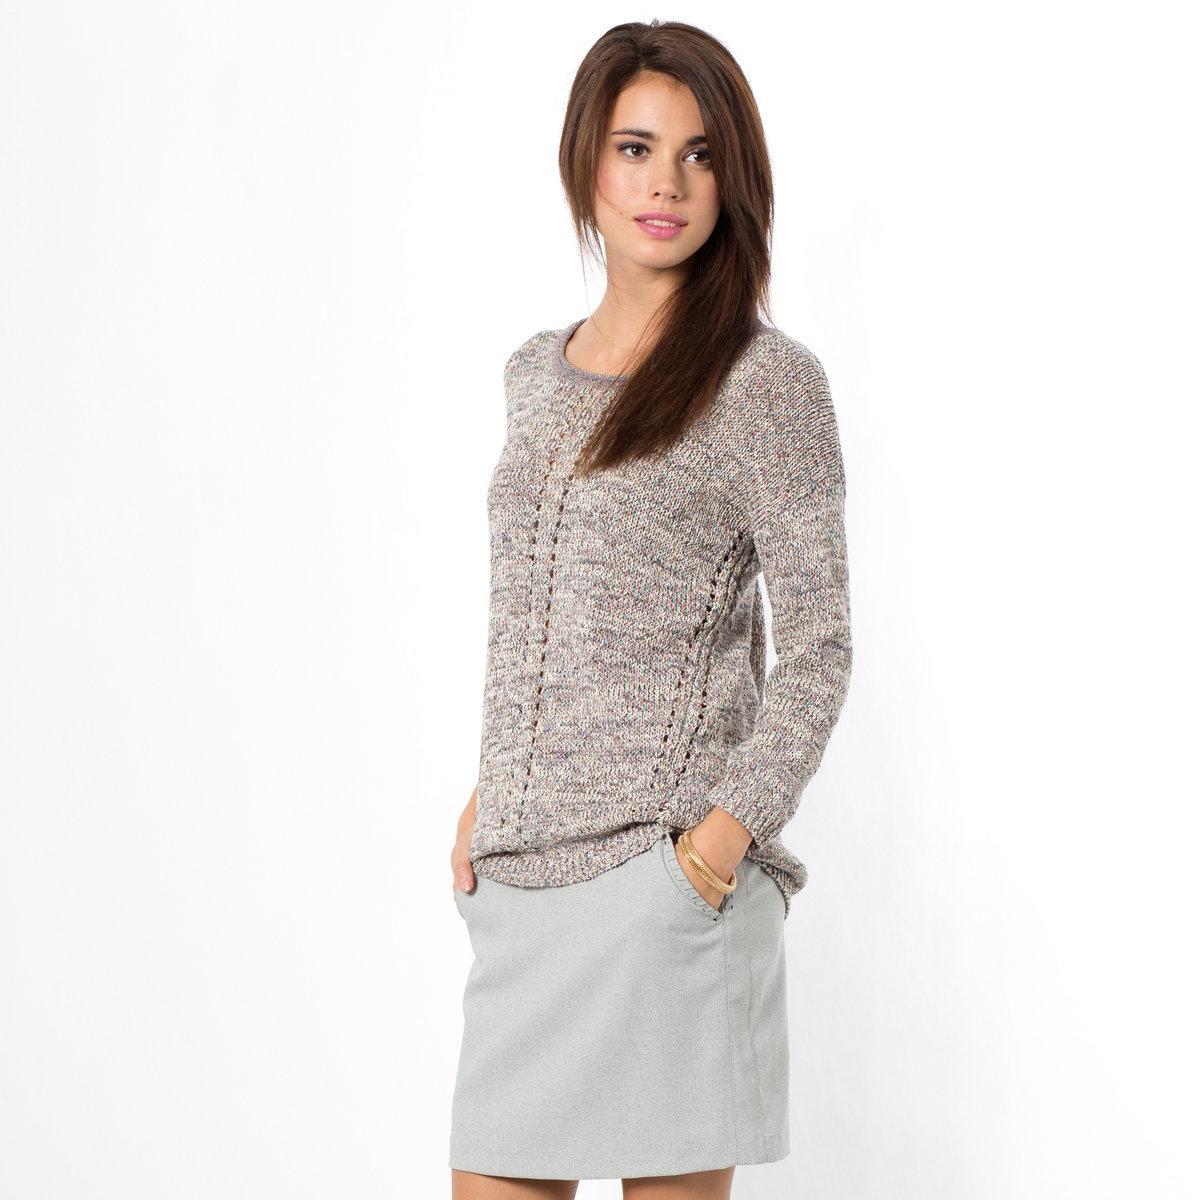 Пуловер с рукавами 3/4Пуловер от COLOR BLOCK, трикотаж, 50% хлопка, 24% полиамида, 13% полиэстера, 13% металлизированных волокон. Ажурные края. Рукава 3/4. Длина ок.64 см.<br><br>Цвет: серый